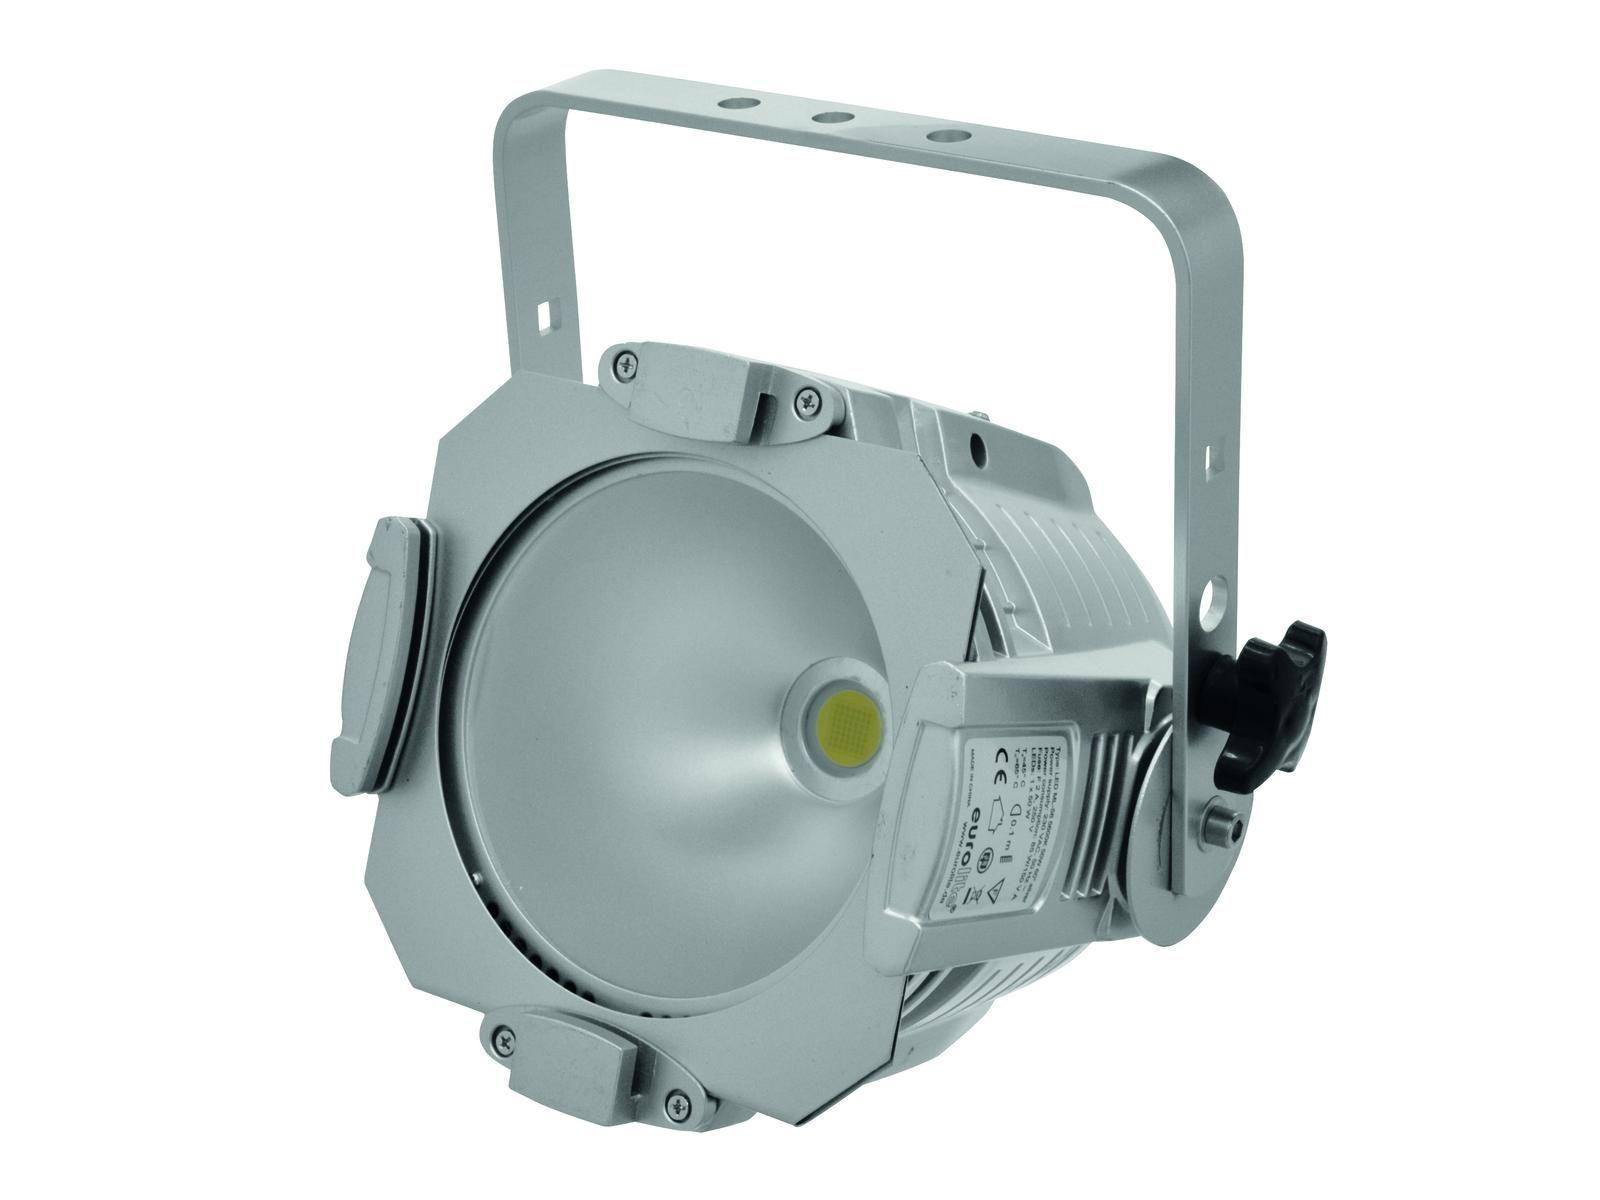 EUROLITE LED ML-56 COB 5600K 50W 60° Scheinwerfer silber ABVERKAUF